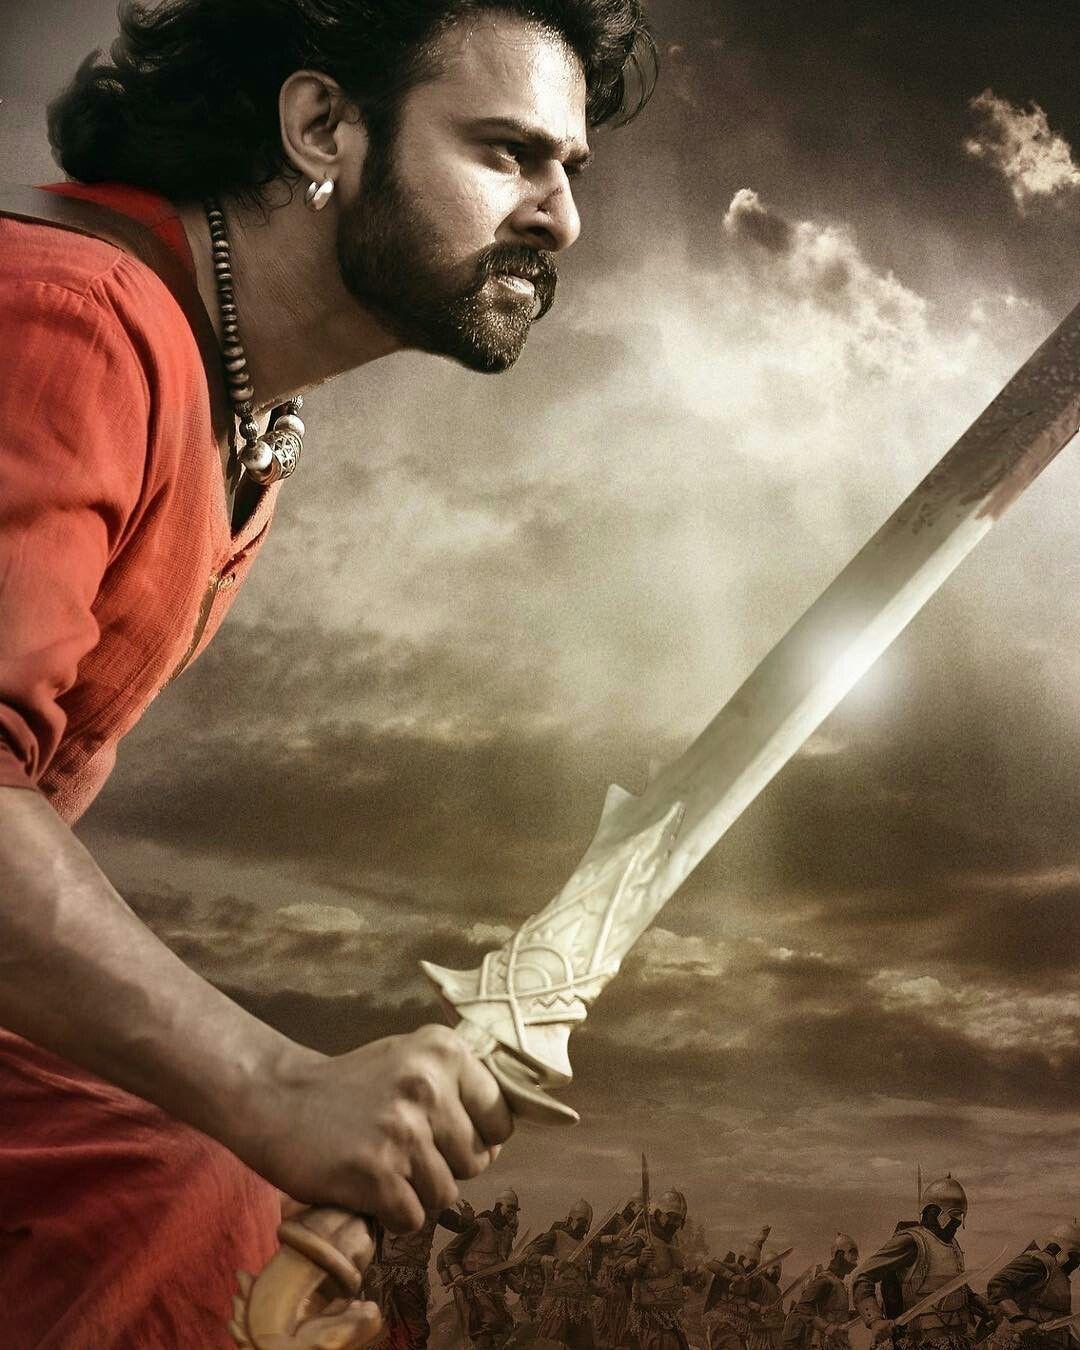 Pin By Jyoti Bhobhariya On Prabas Bahubali Movie Prabhas Pics Prabhas And Anushka